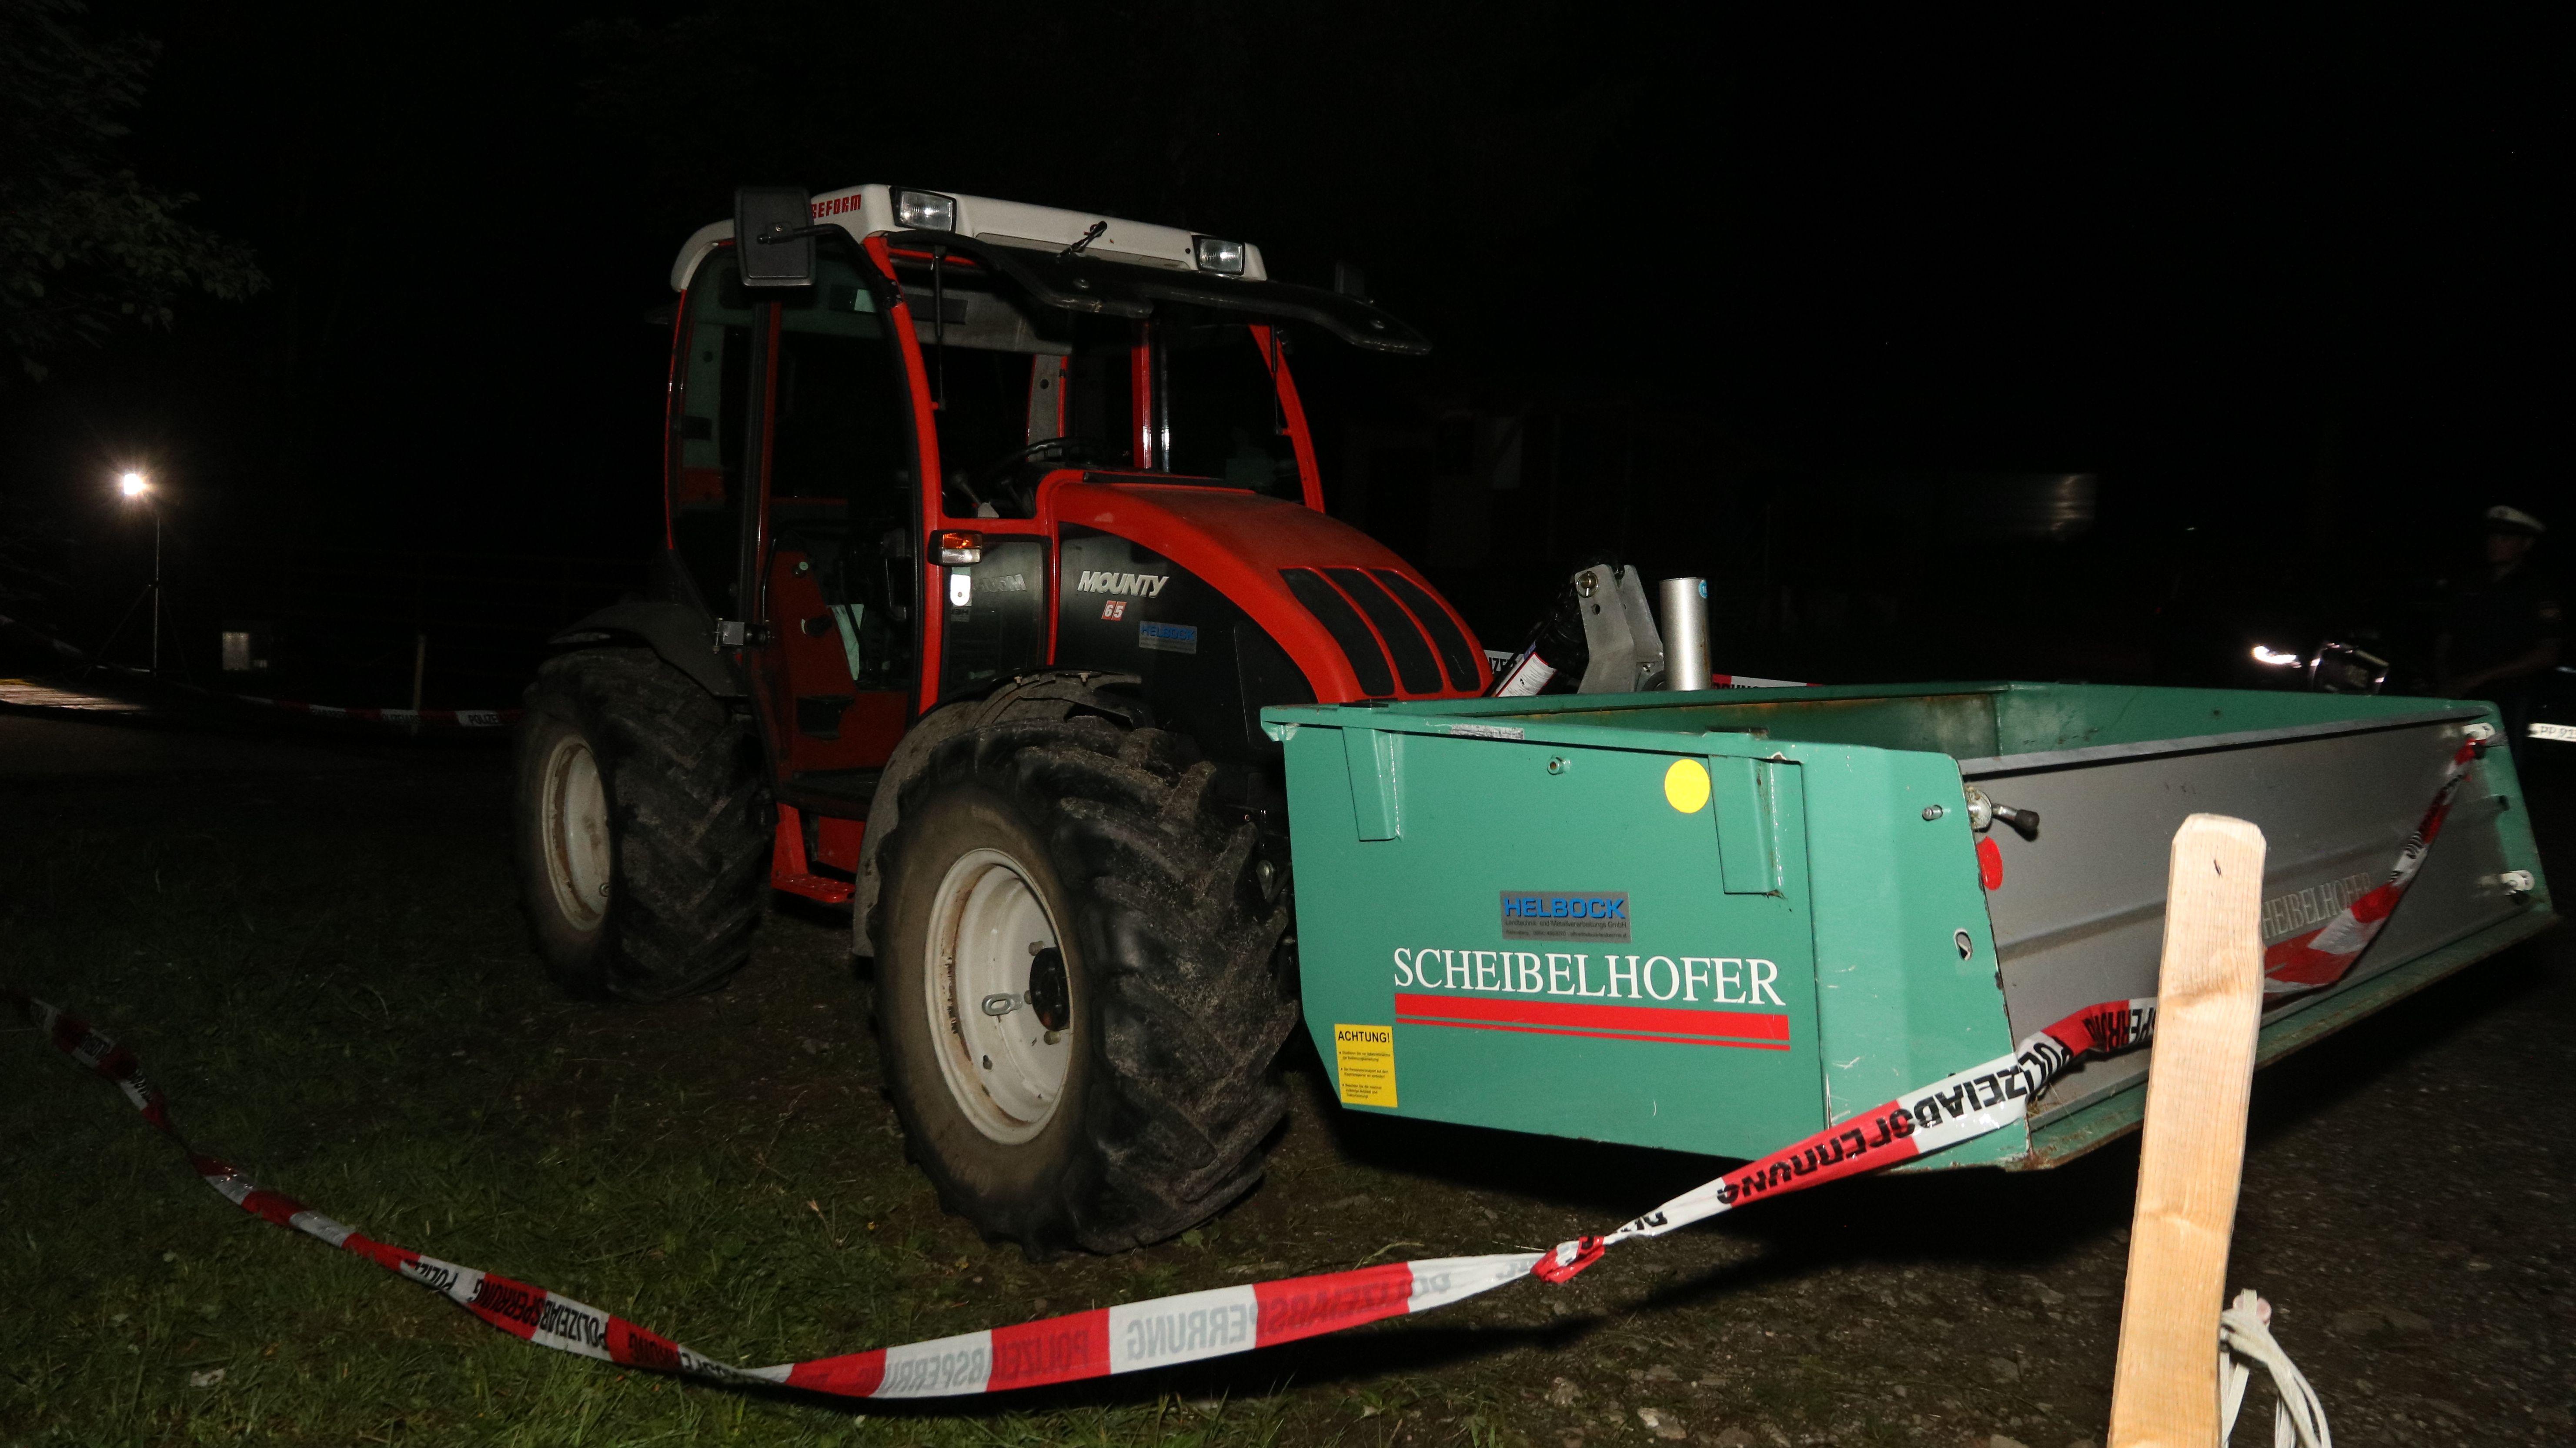 Traktor wird für die Ermittlungen sicher gestellt